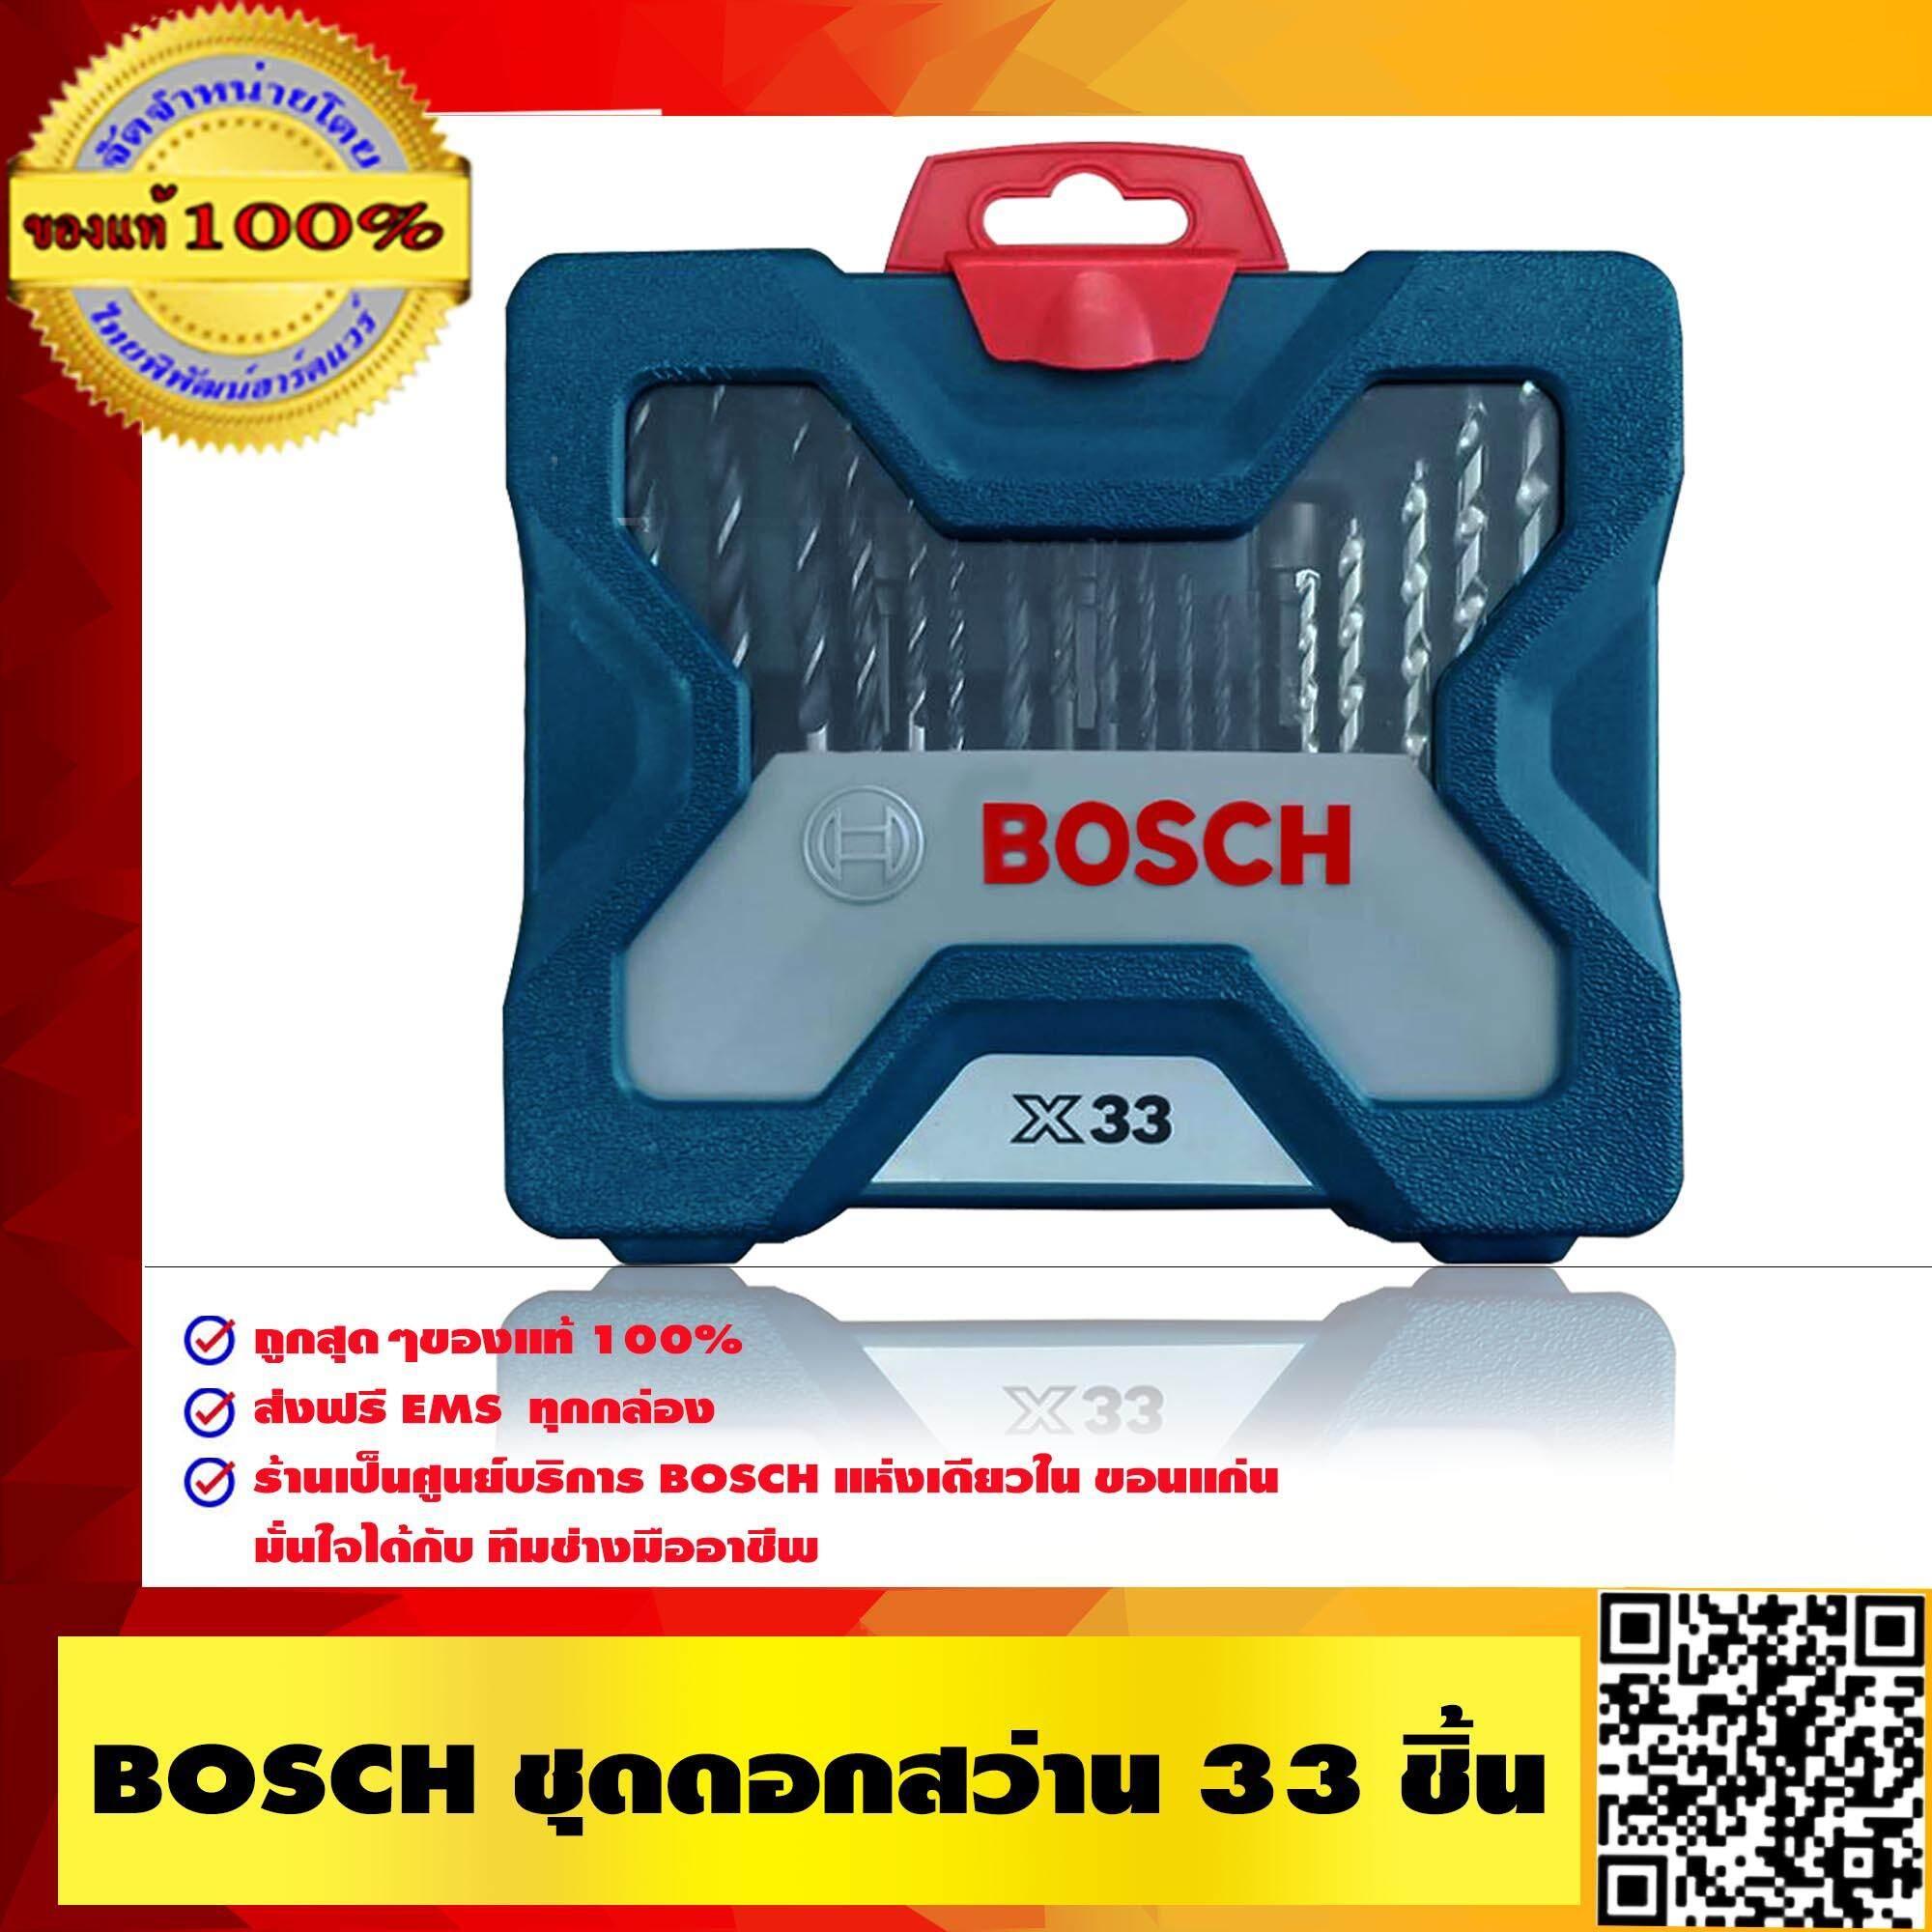 ลดสุดๆ BOSCH  X-Line ชุดดอกสว่านสุดคุ้ม  33 ชิ้น รุ่นใหม่ล่าสุดกล่องสีน้ำเงินสวยหรู ของแท้ 100% ส่งฟรี KERRY